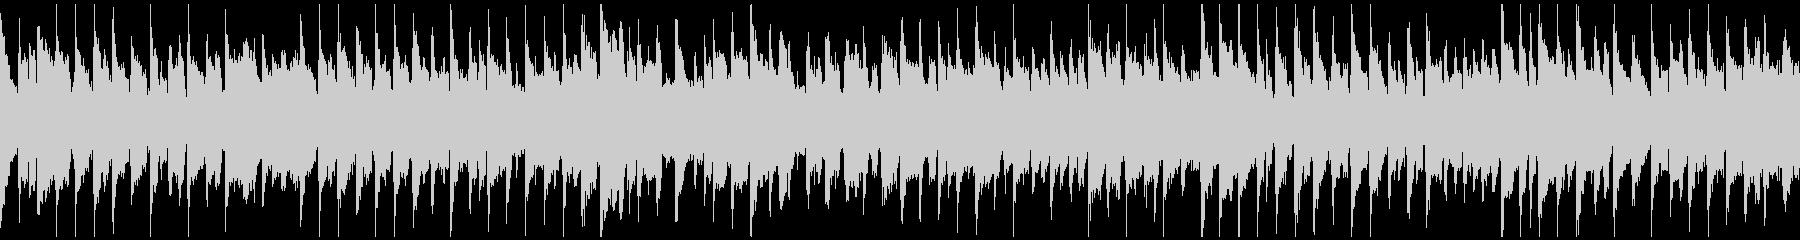 夕焼けリコーダー・ポップス ※ループ版の未再生の波形